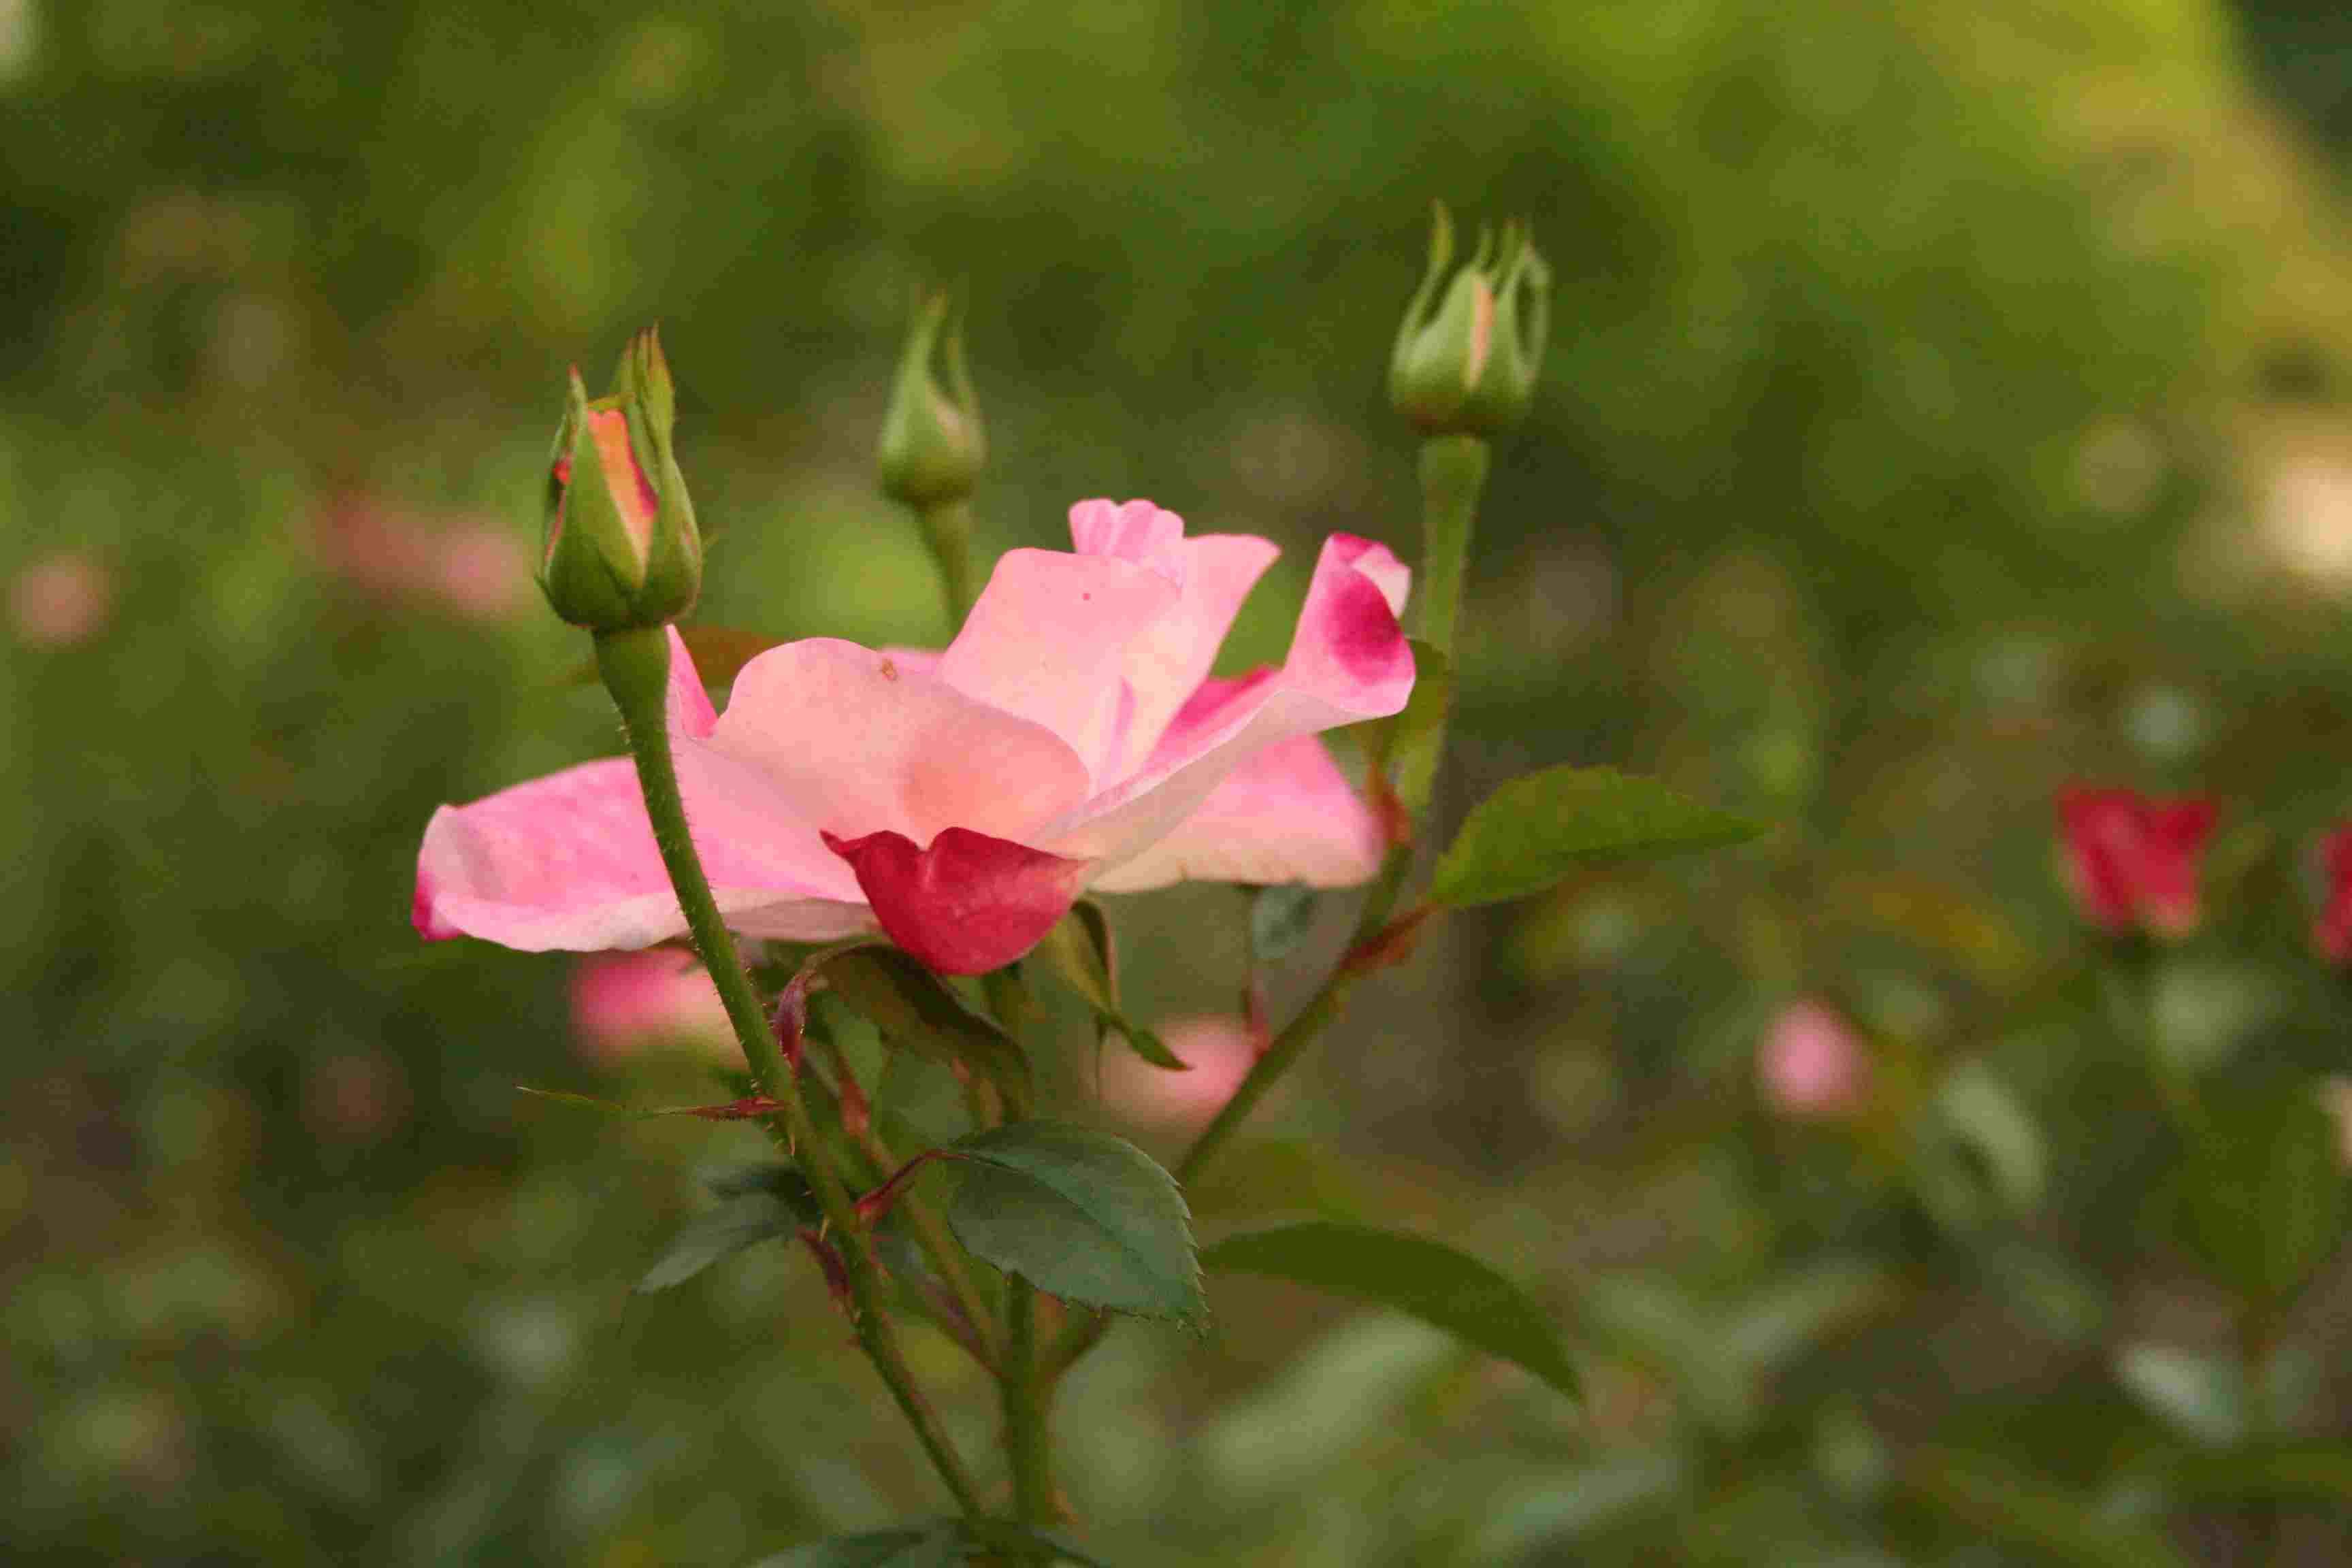 京都府立植物園 秋の花 きのこ展_c0100195_10275482.jpg